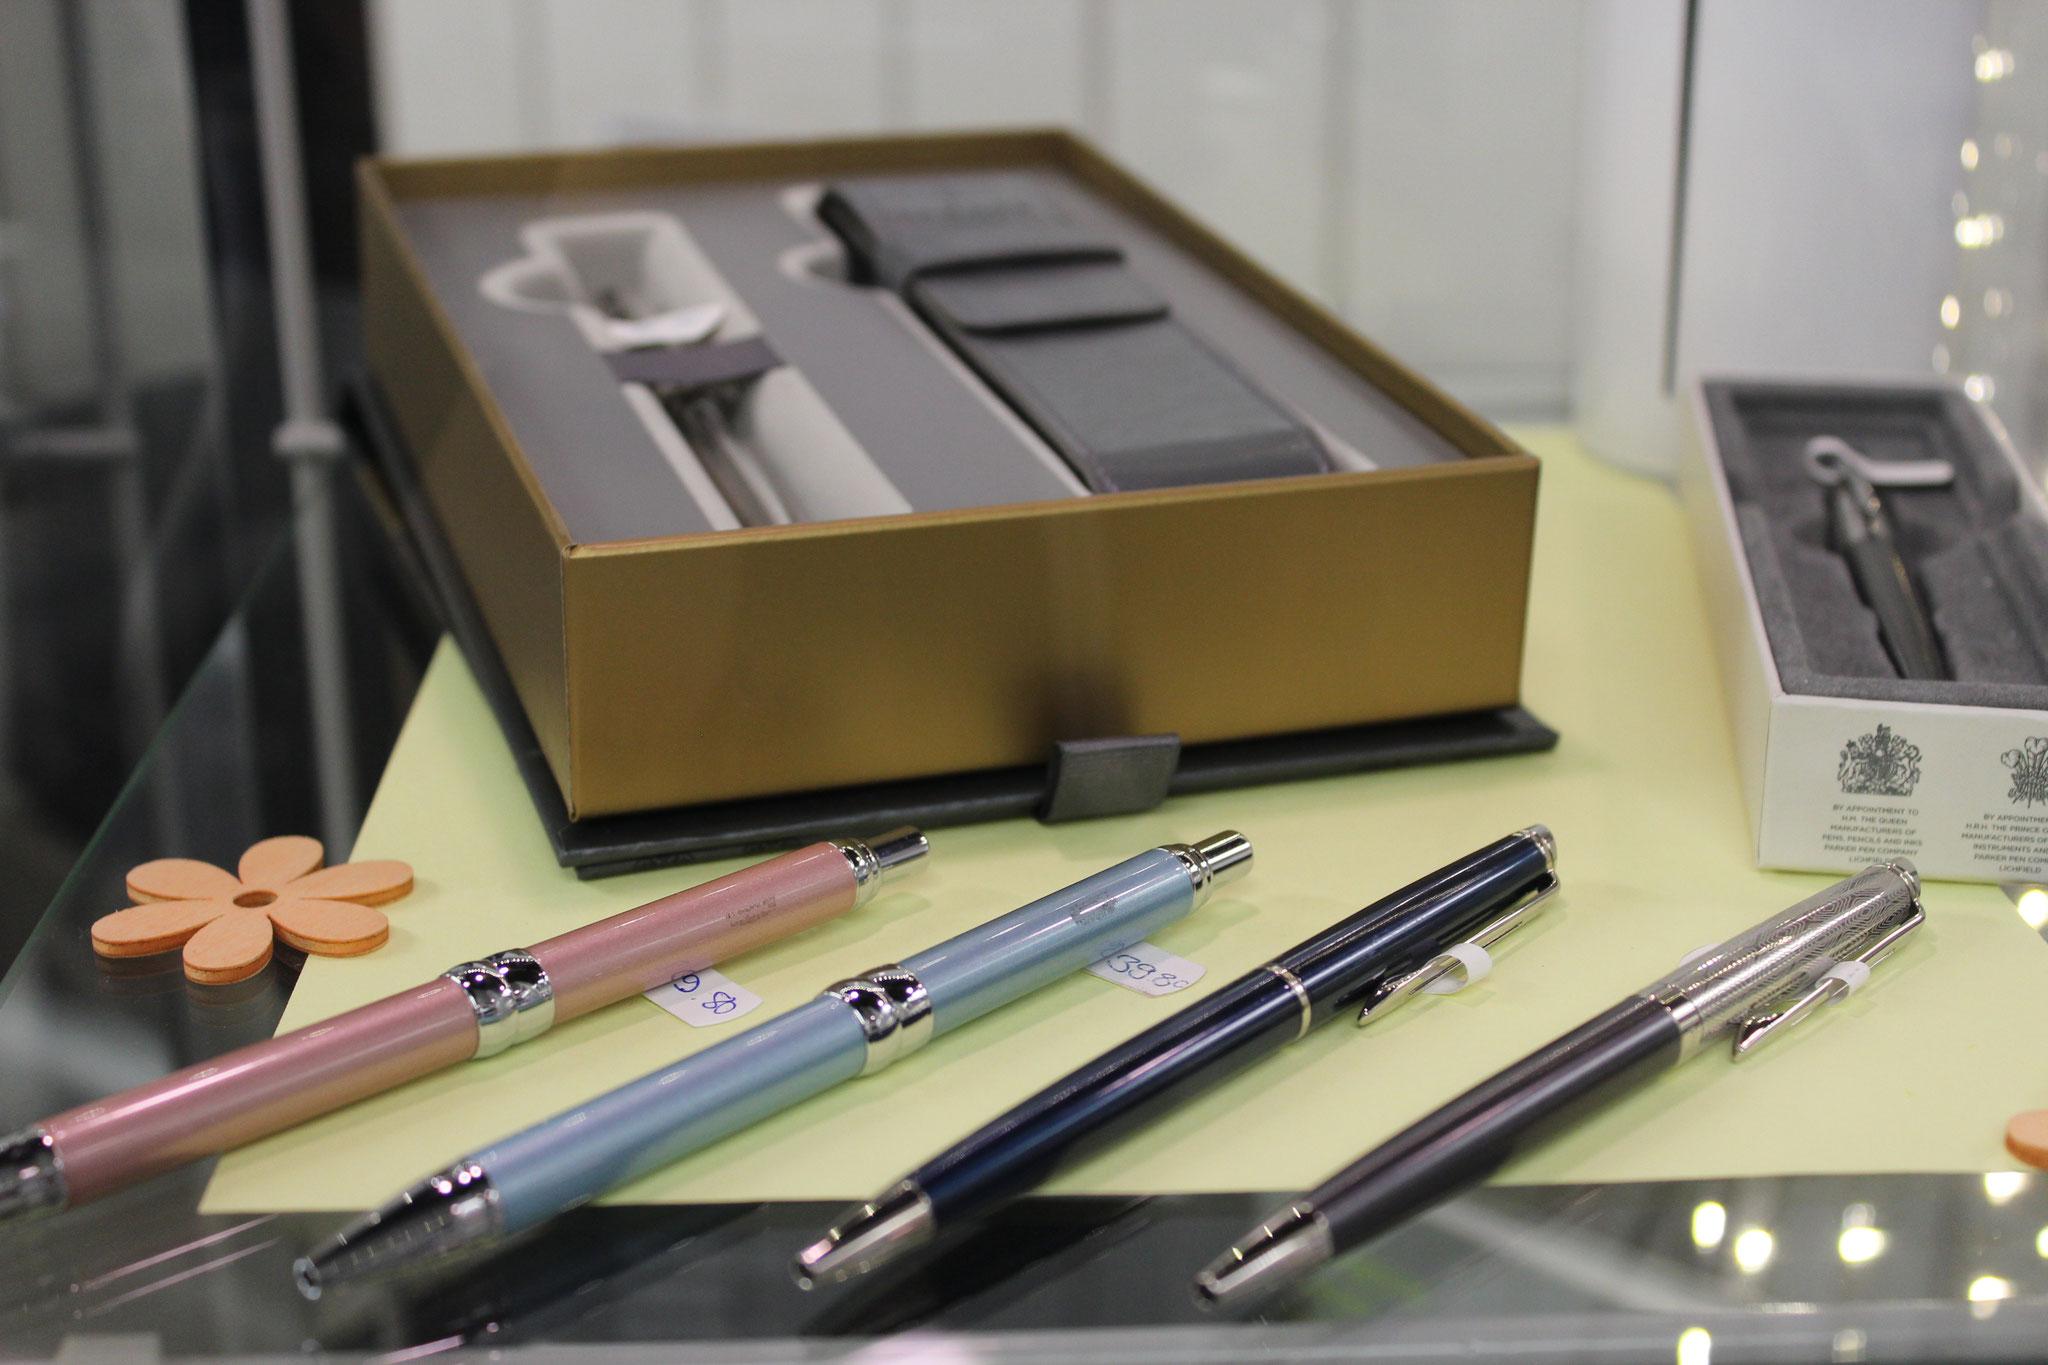 schöne Schreibgeräte einzeln oder im Set erhältlich